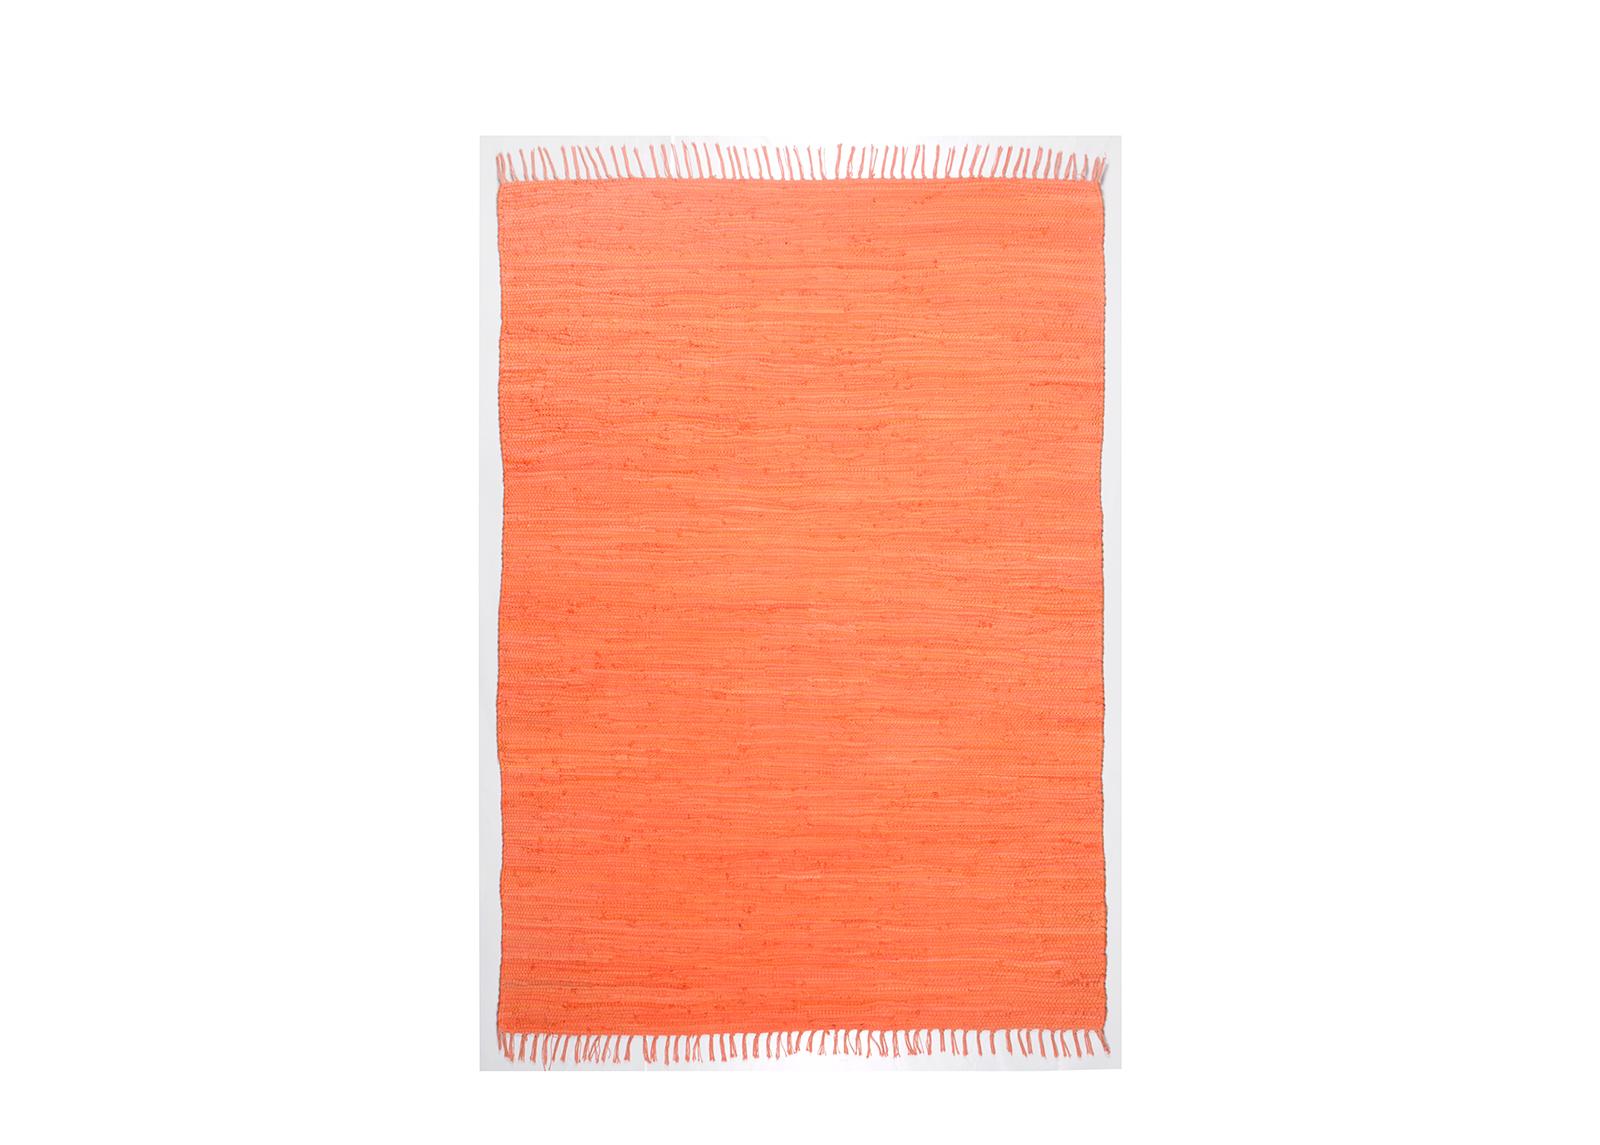 Matto Happy Cotton 90x160 cm, terra